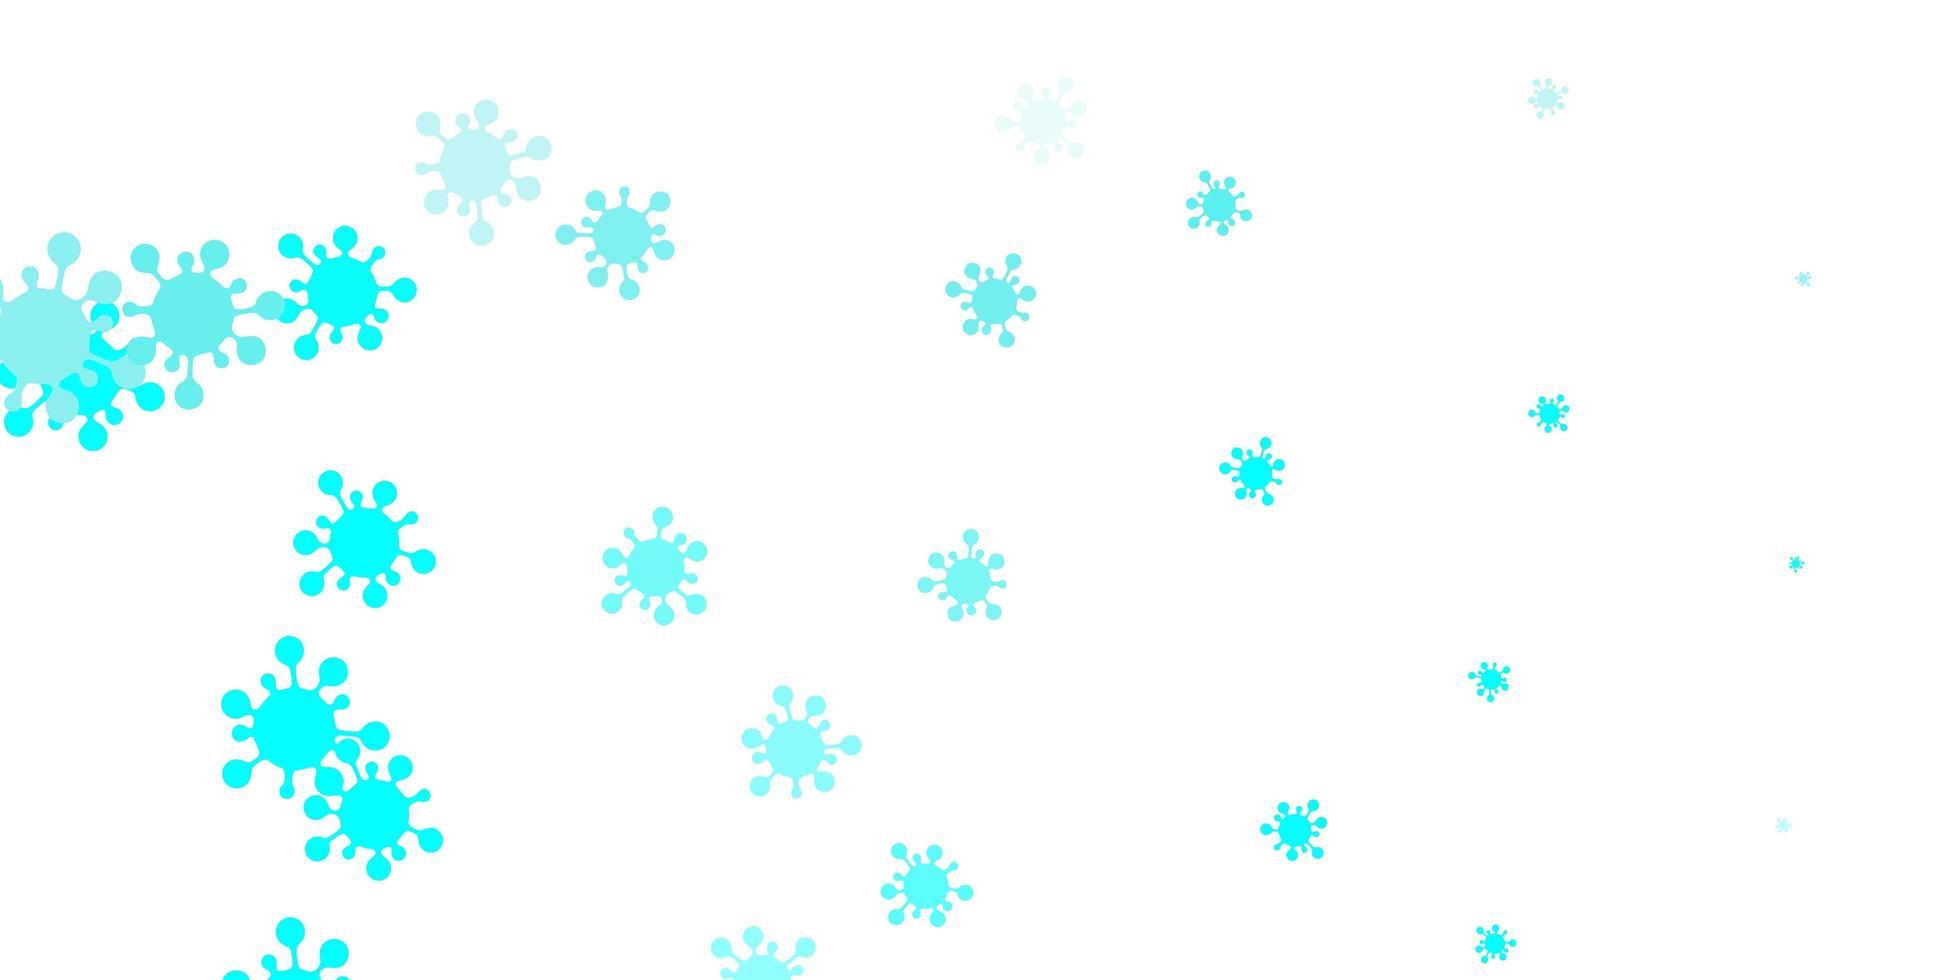 lichtgroene vectortextuur met ziektesymbolen. vector